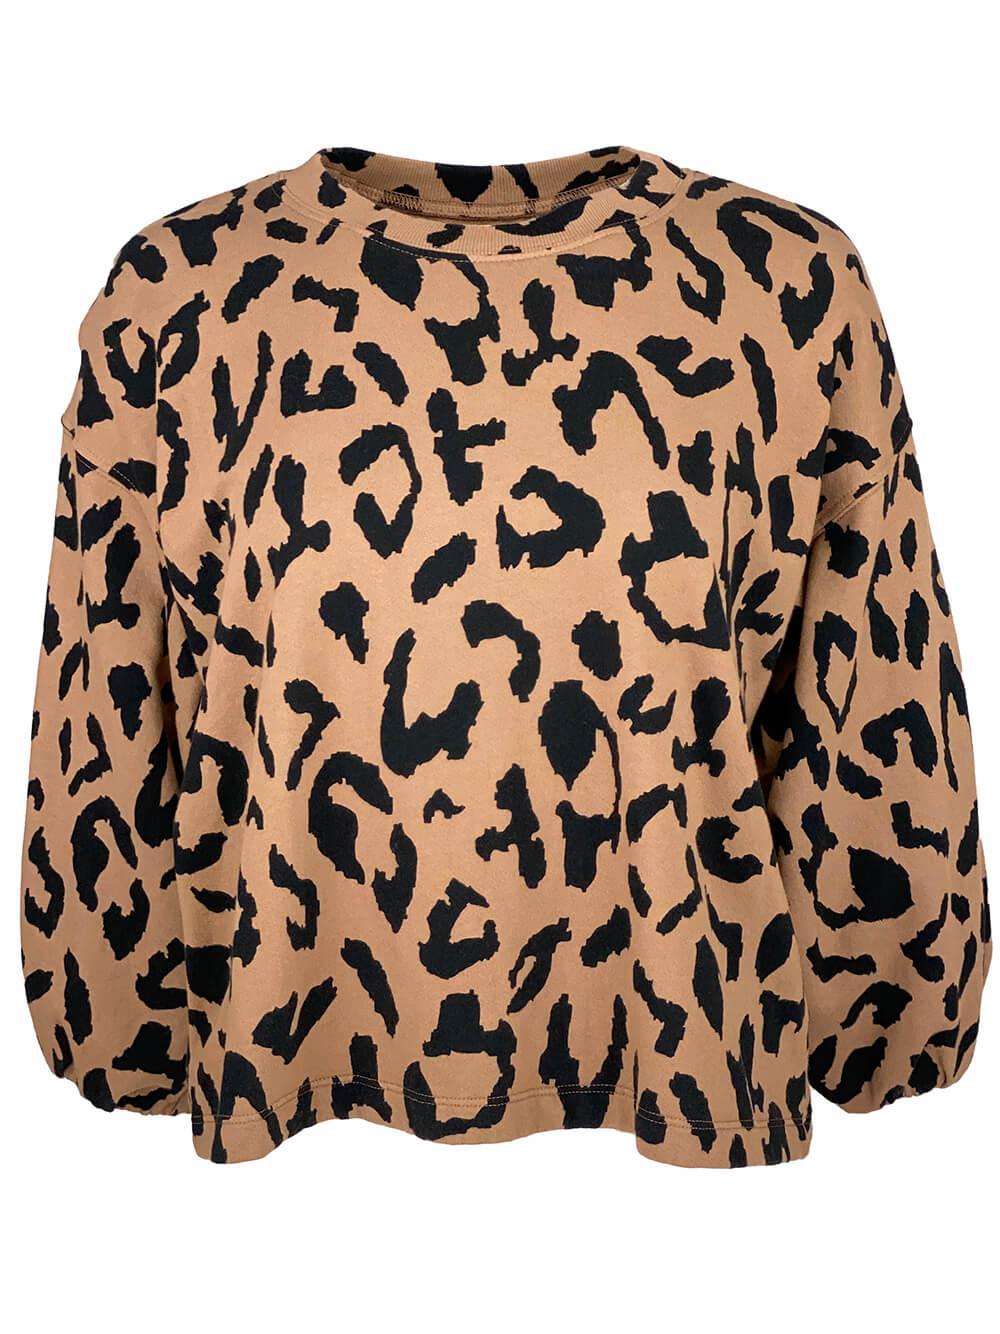 Arabelle Leopard Sweatshirt Item # ARABELLE05